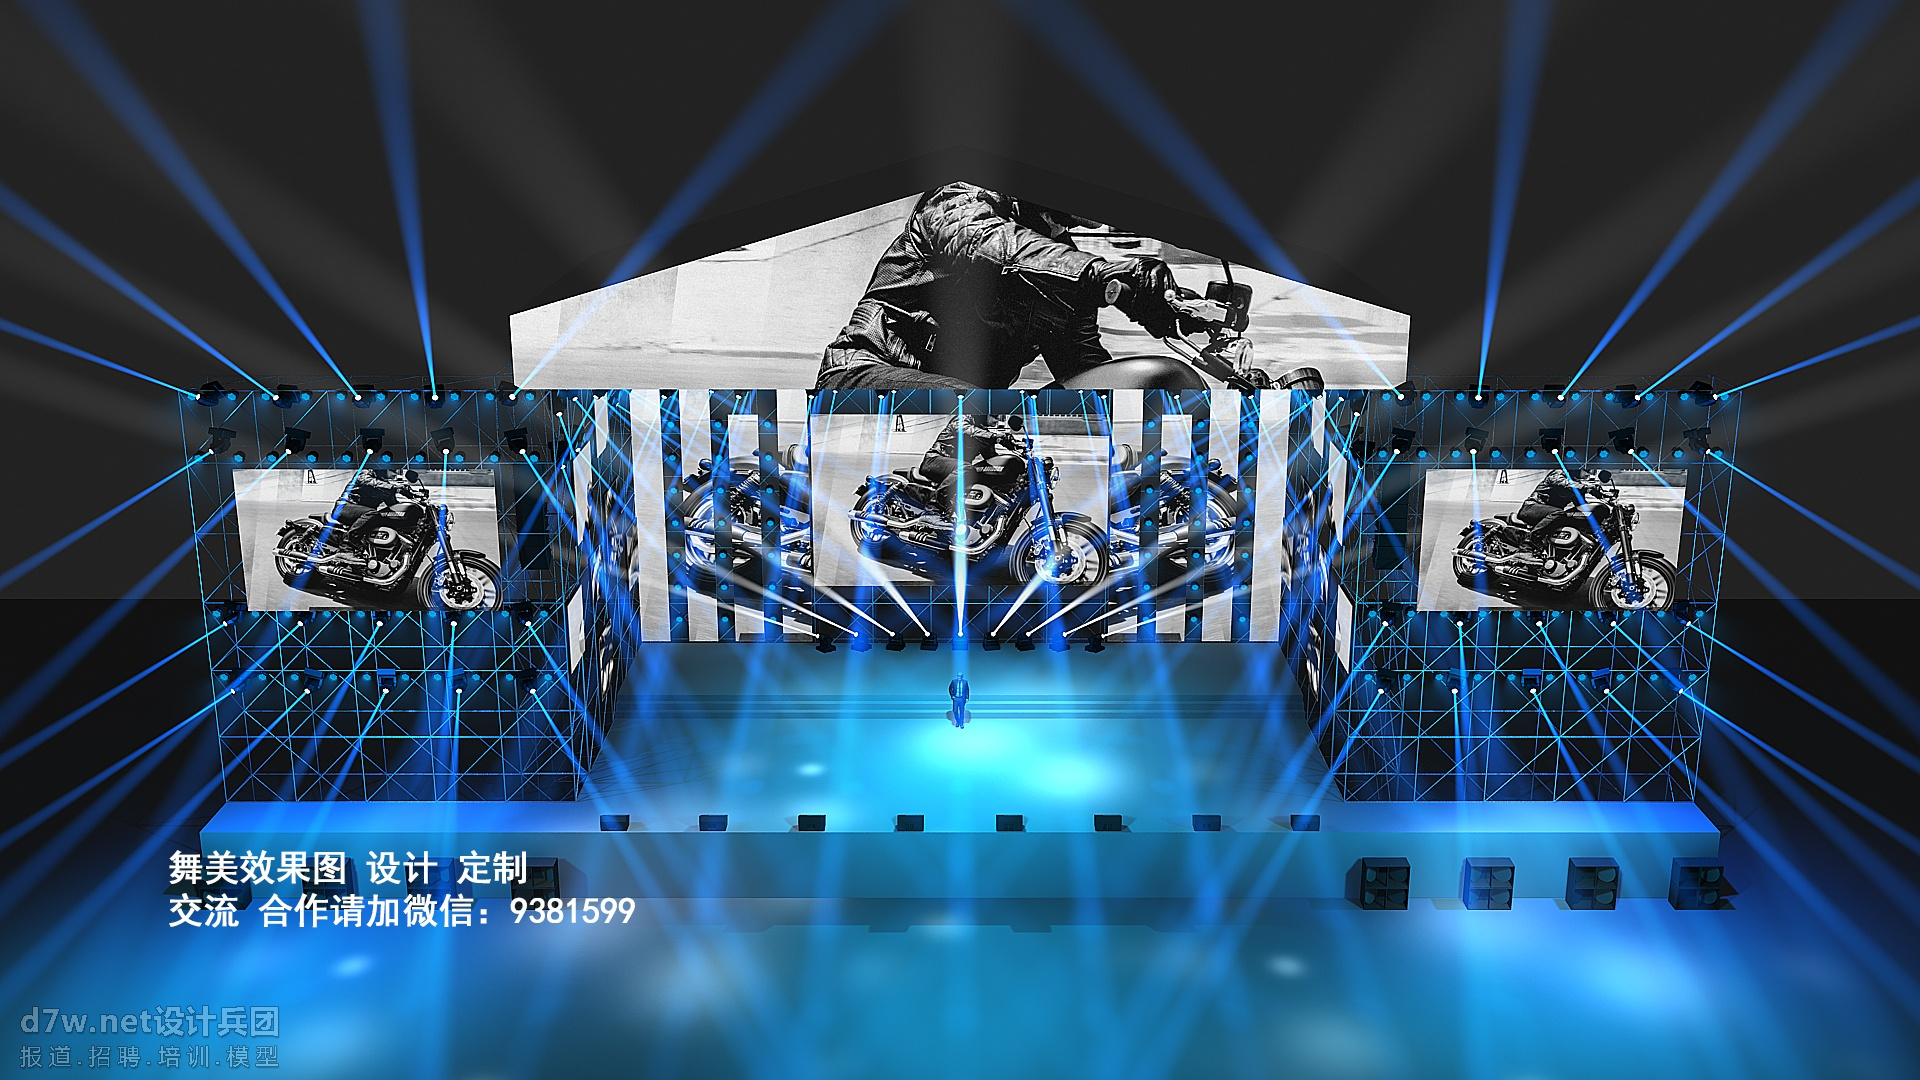 麦田舞美设计 机车音乐节 机车舞美设计 舞美效果图 舞台效果图 舞美设计图 舞台设计图 舞美设计定制 音乐节 ...